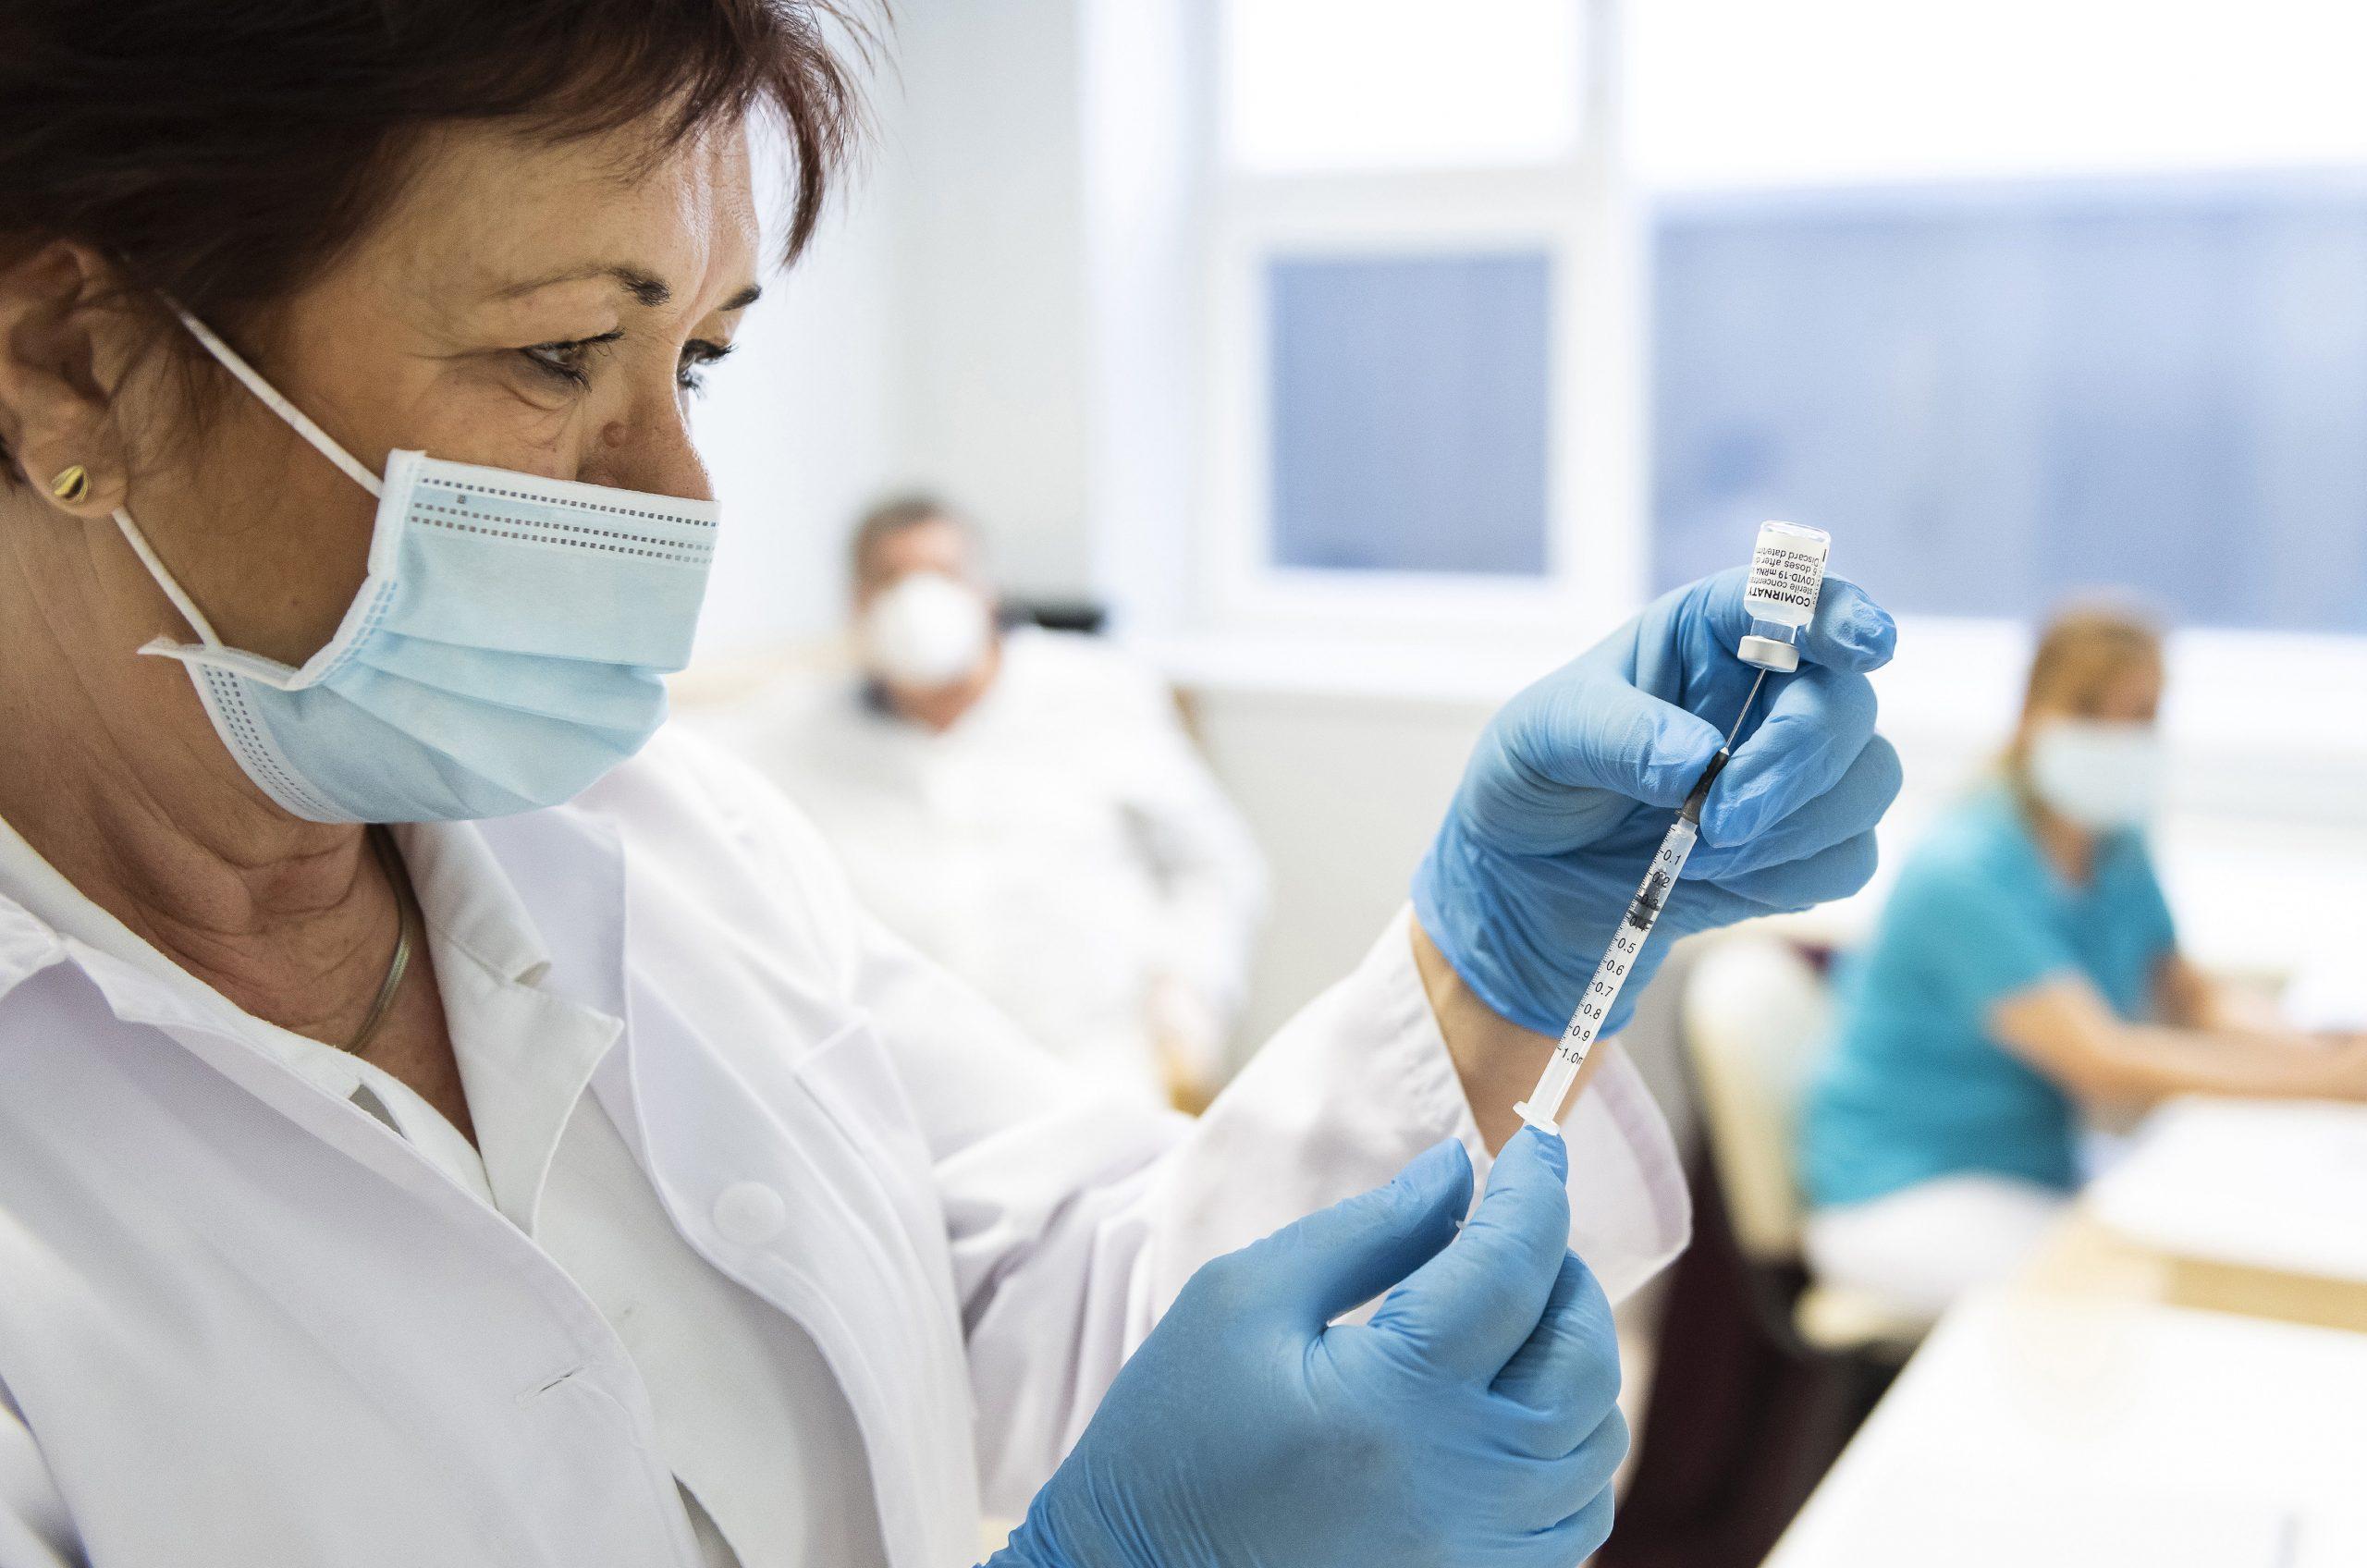 Regierung veröffentlicht kontroverse Daten über Infektions- und Sterbefälle nach Impfungen